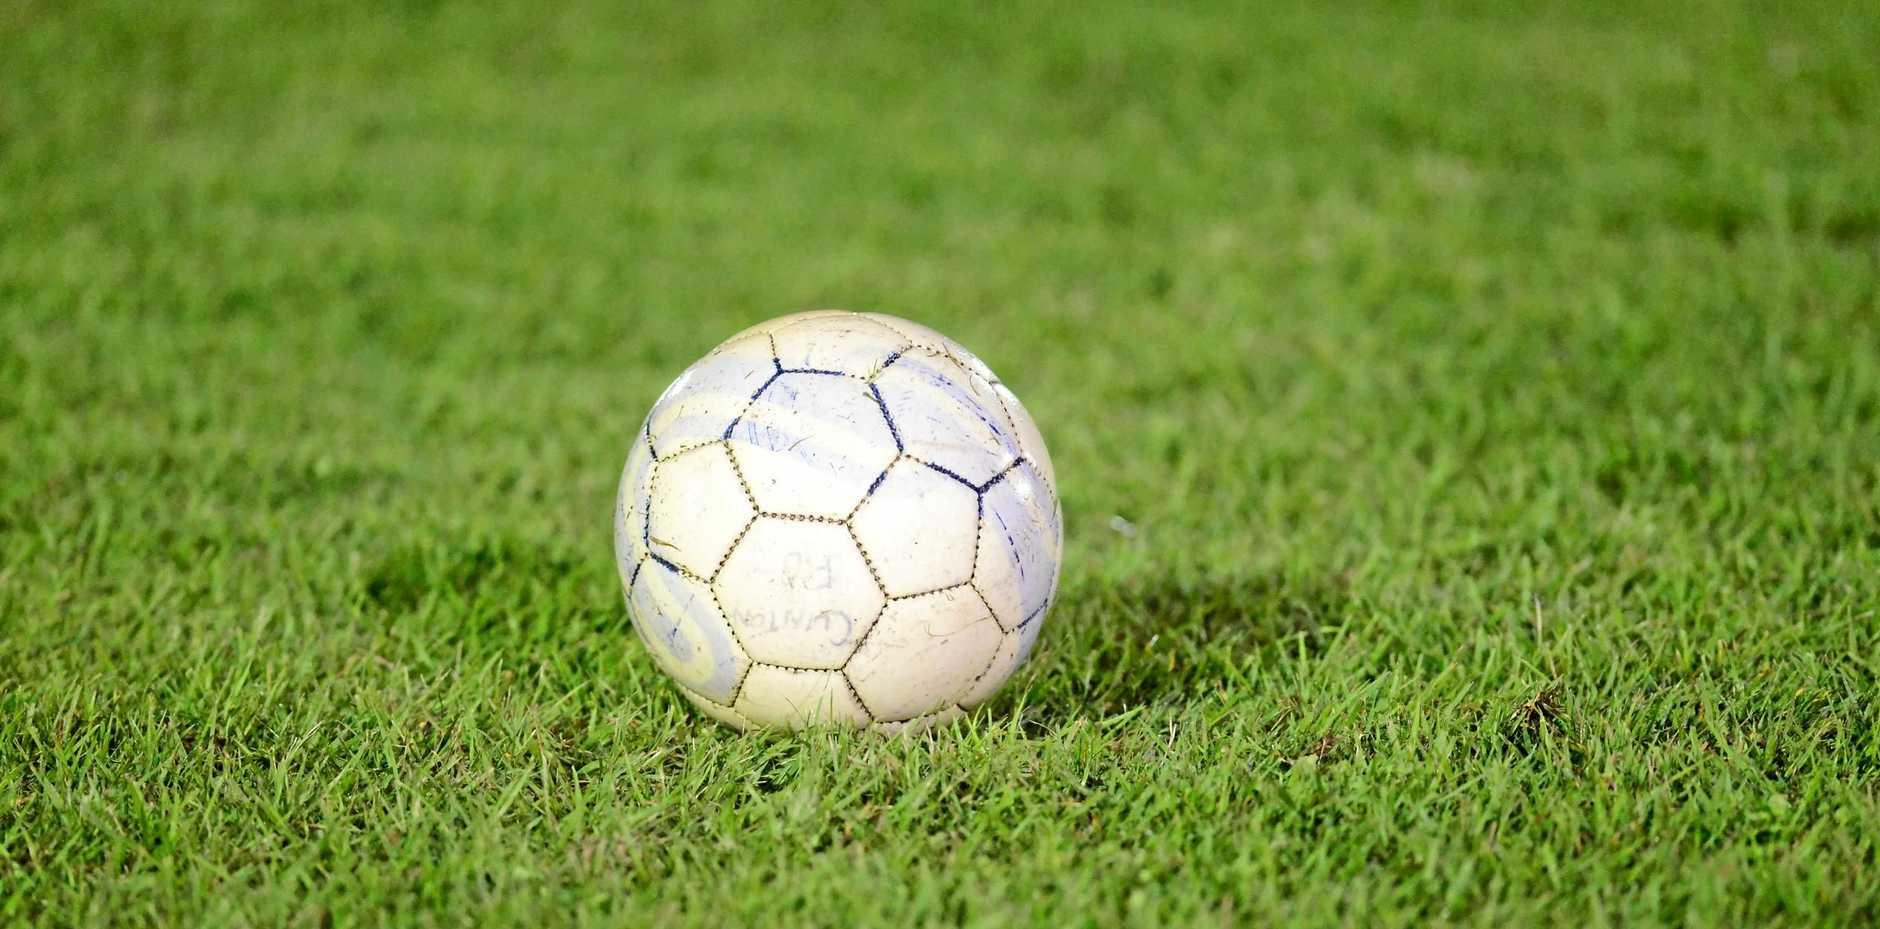 Soccer ball. Photo Brenda Strong / The Observer